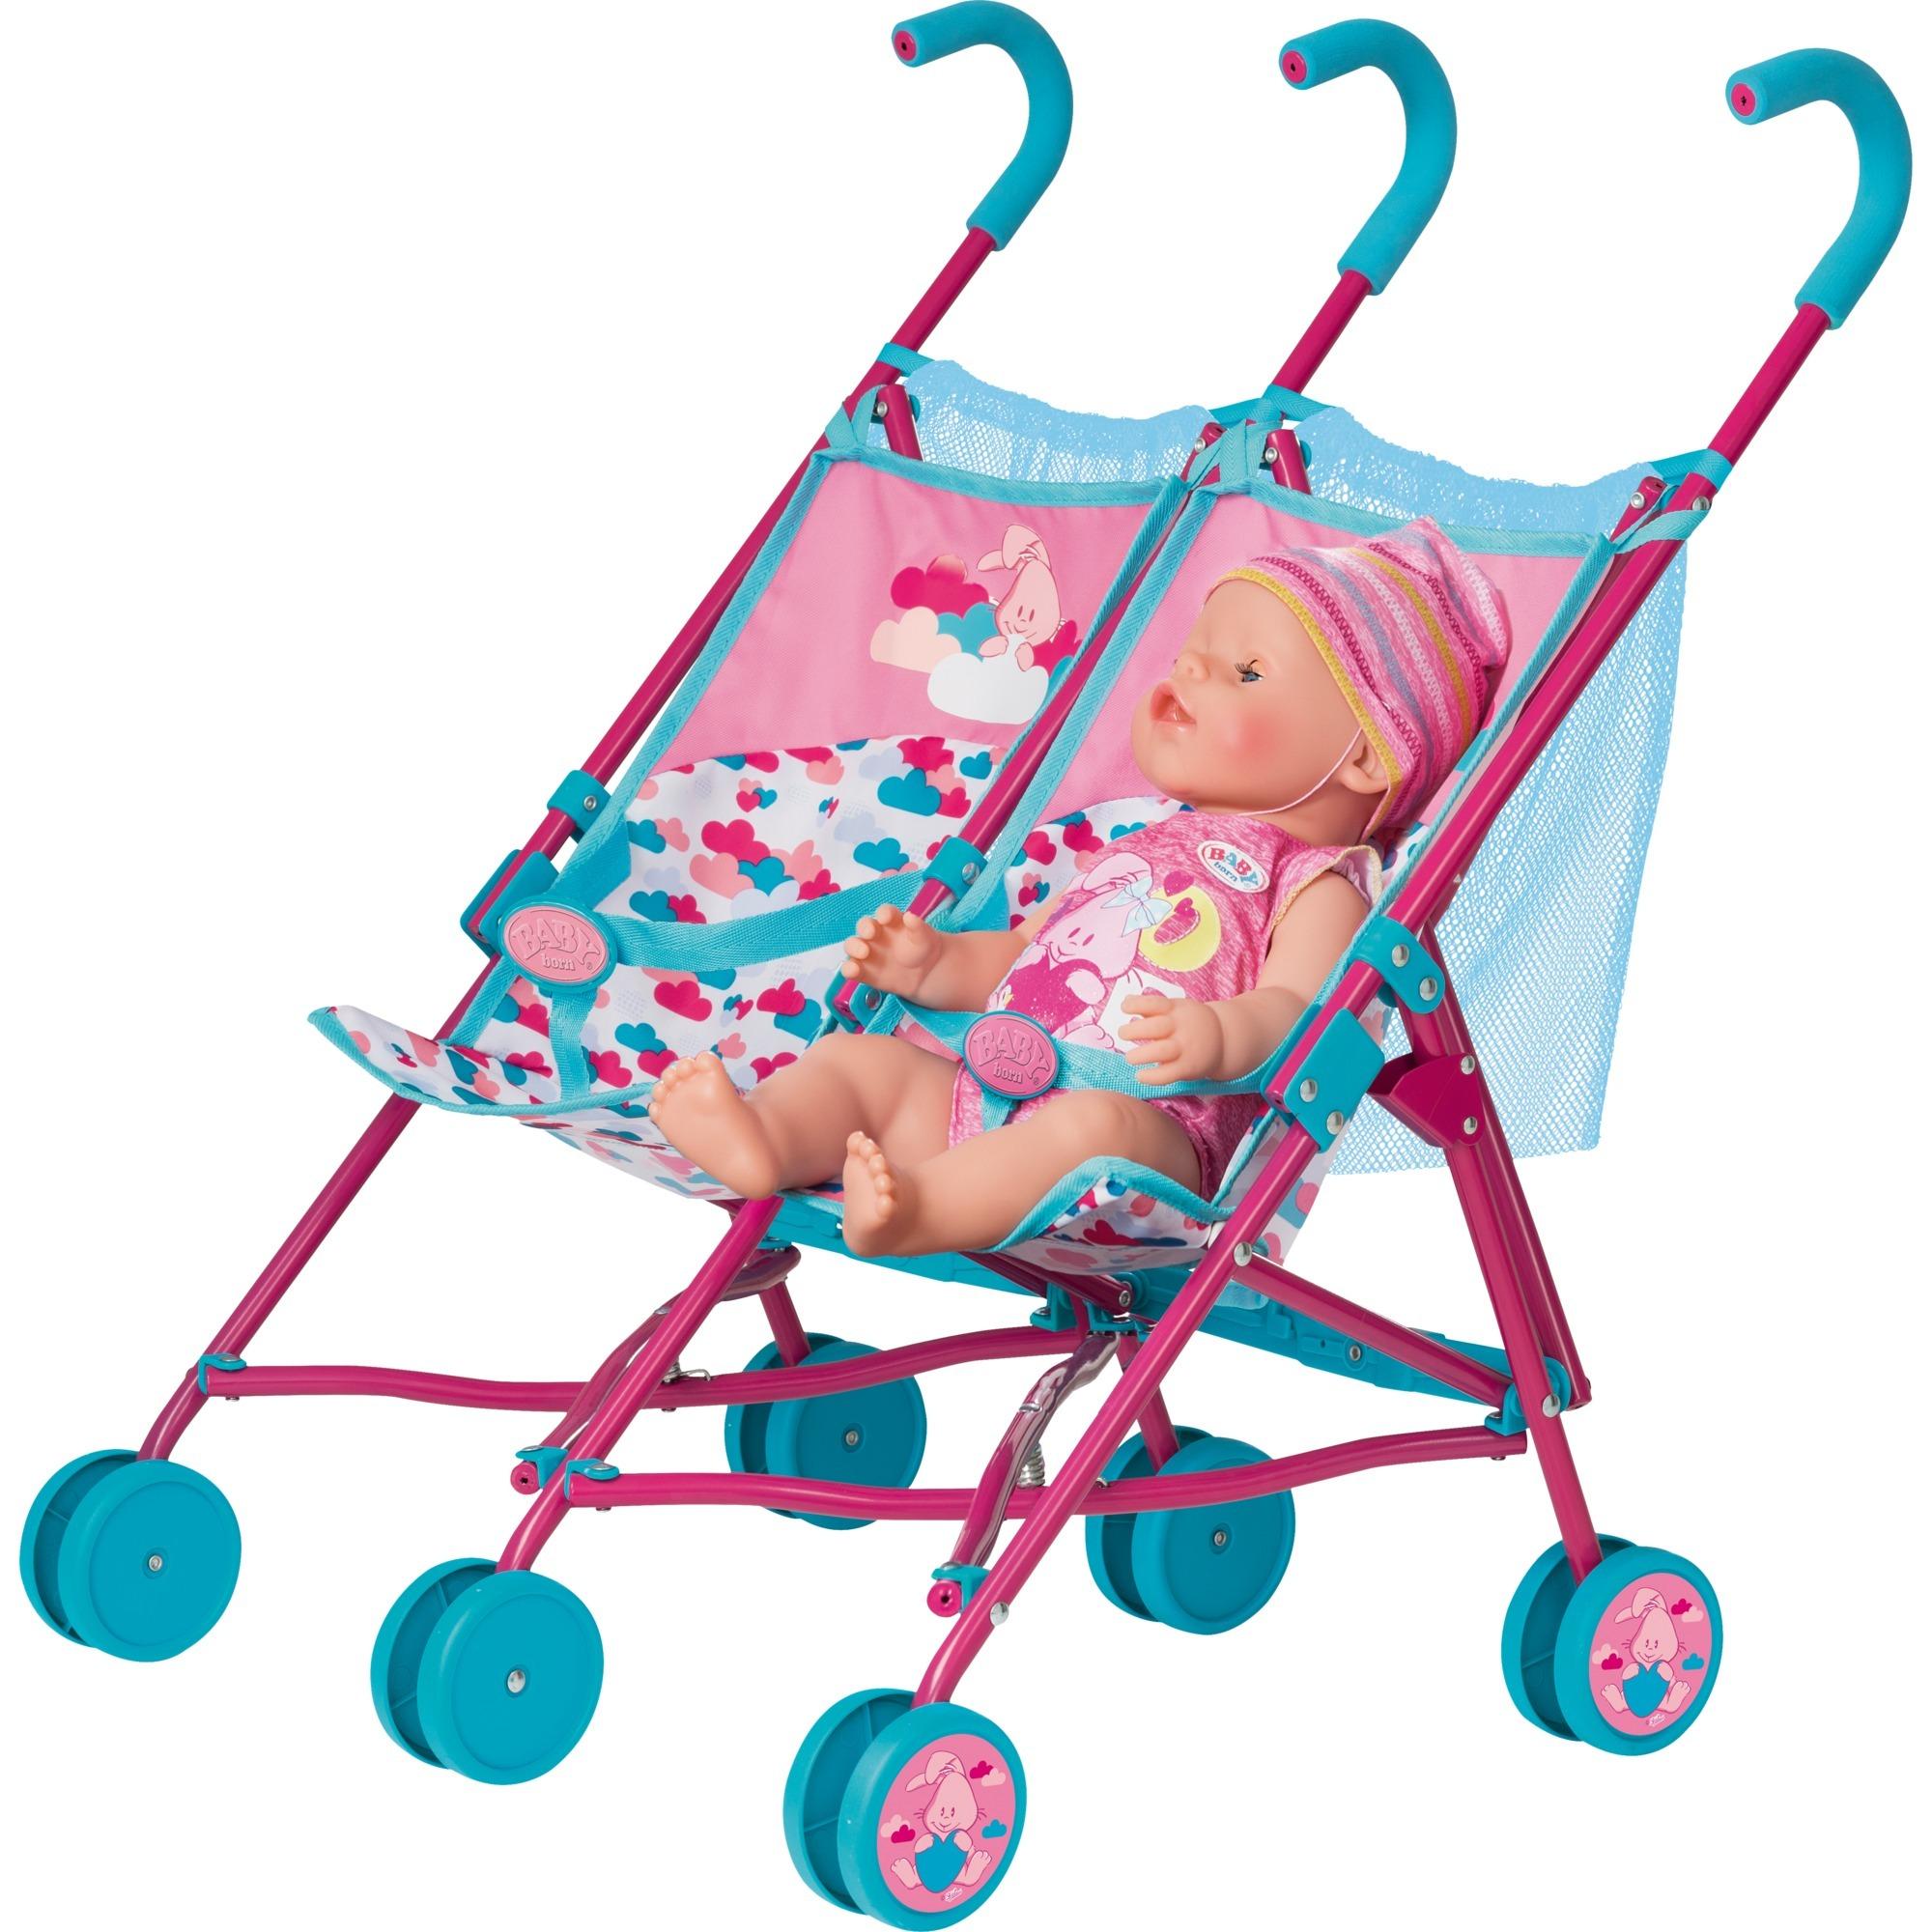 Kleidung & Accessoires Zapf BABY born® Play&Fun Deluxe Schwimm Set Babypuppen & Zubehör